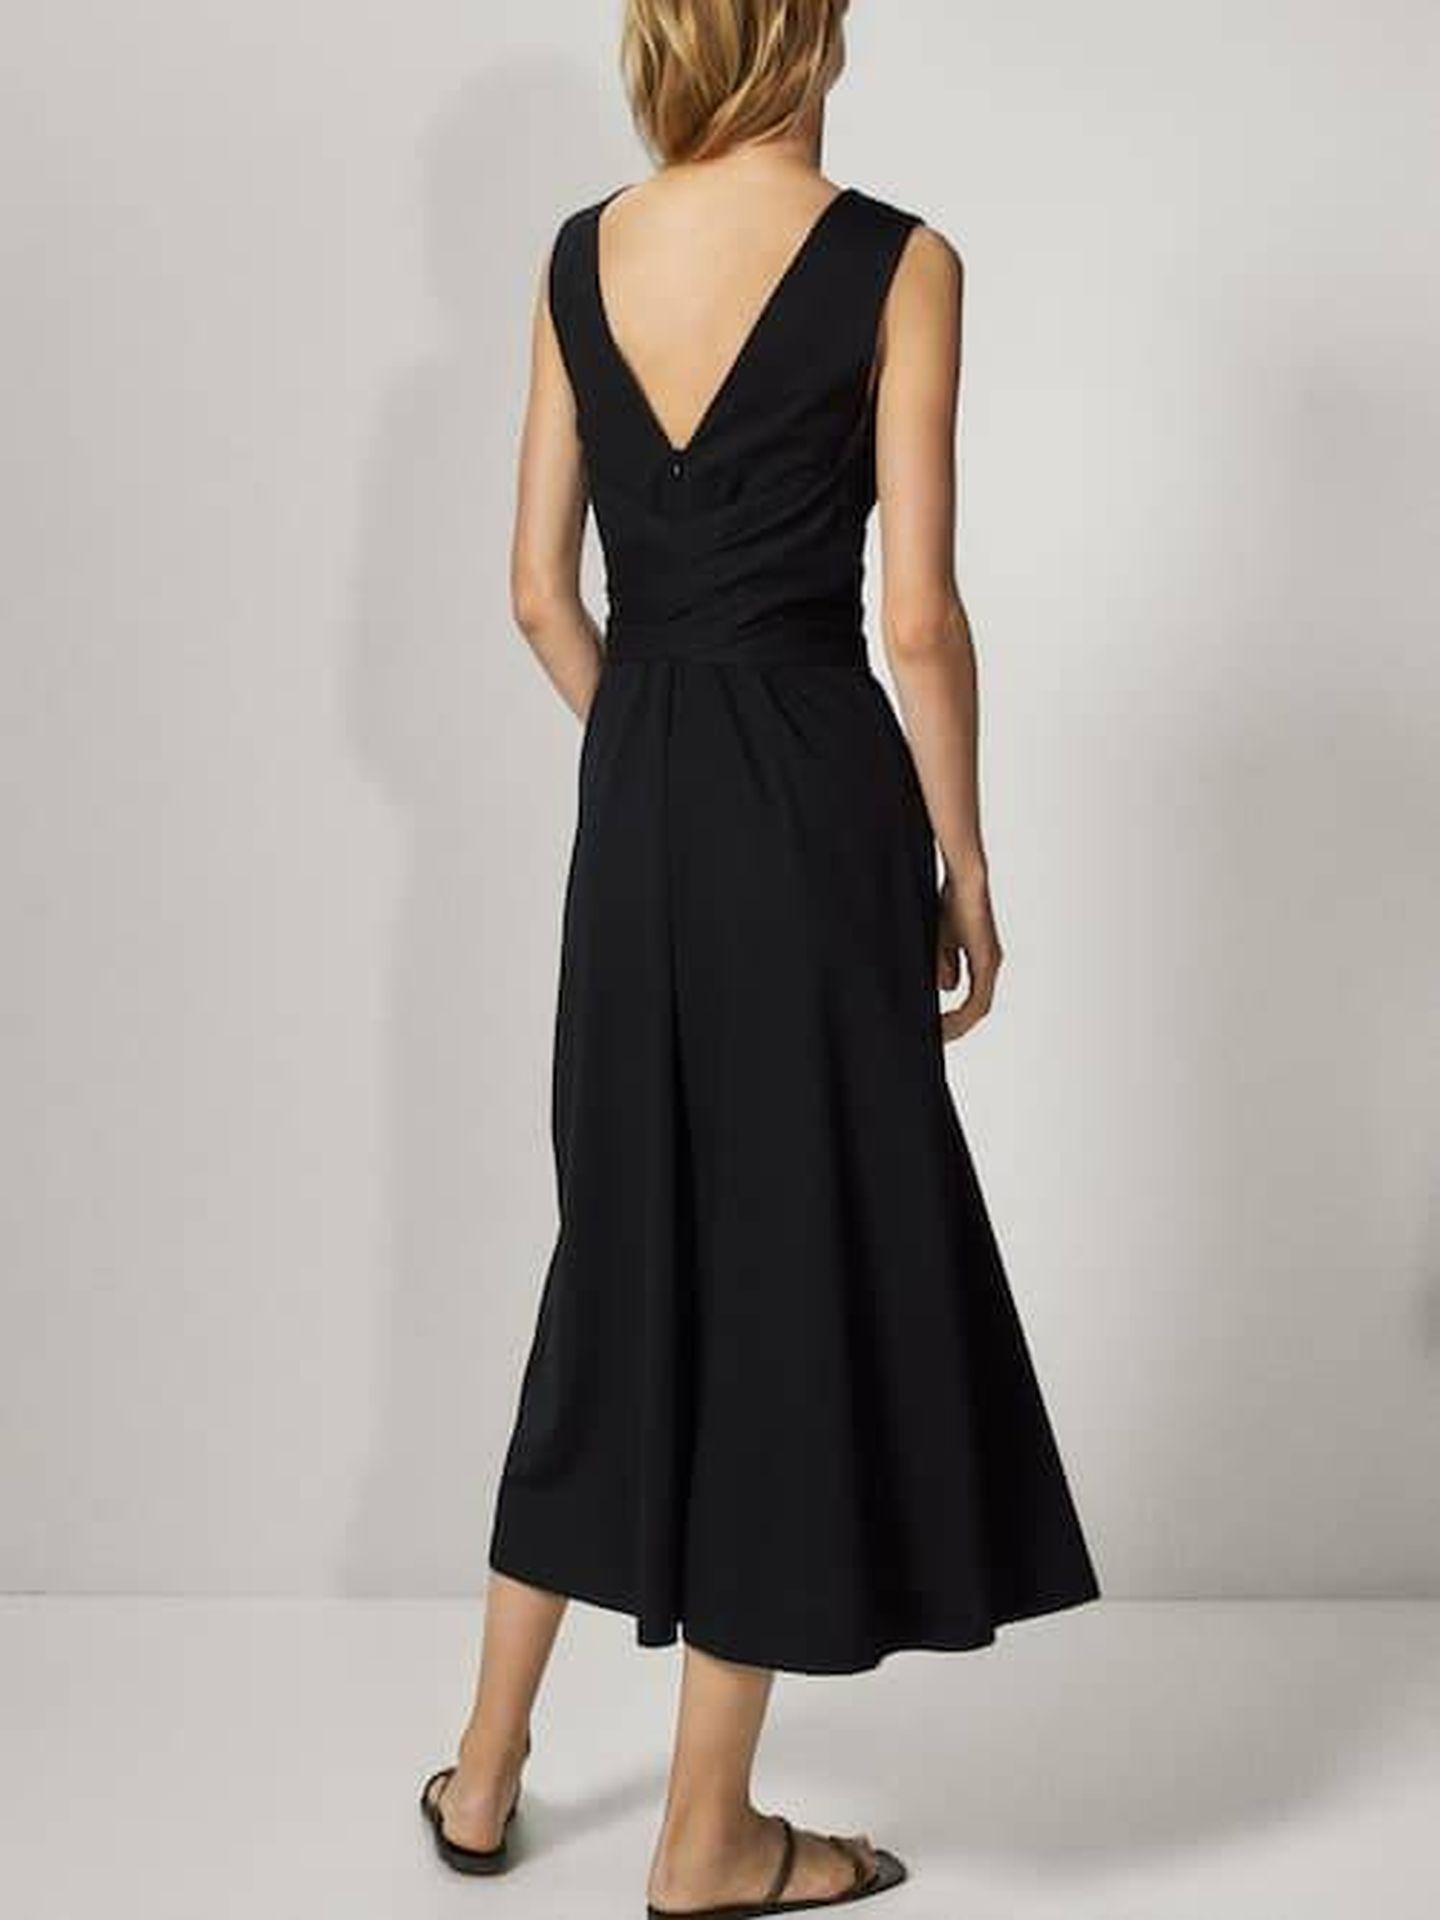 El vestido de Massimo Dutti. (Cortesía)